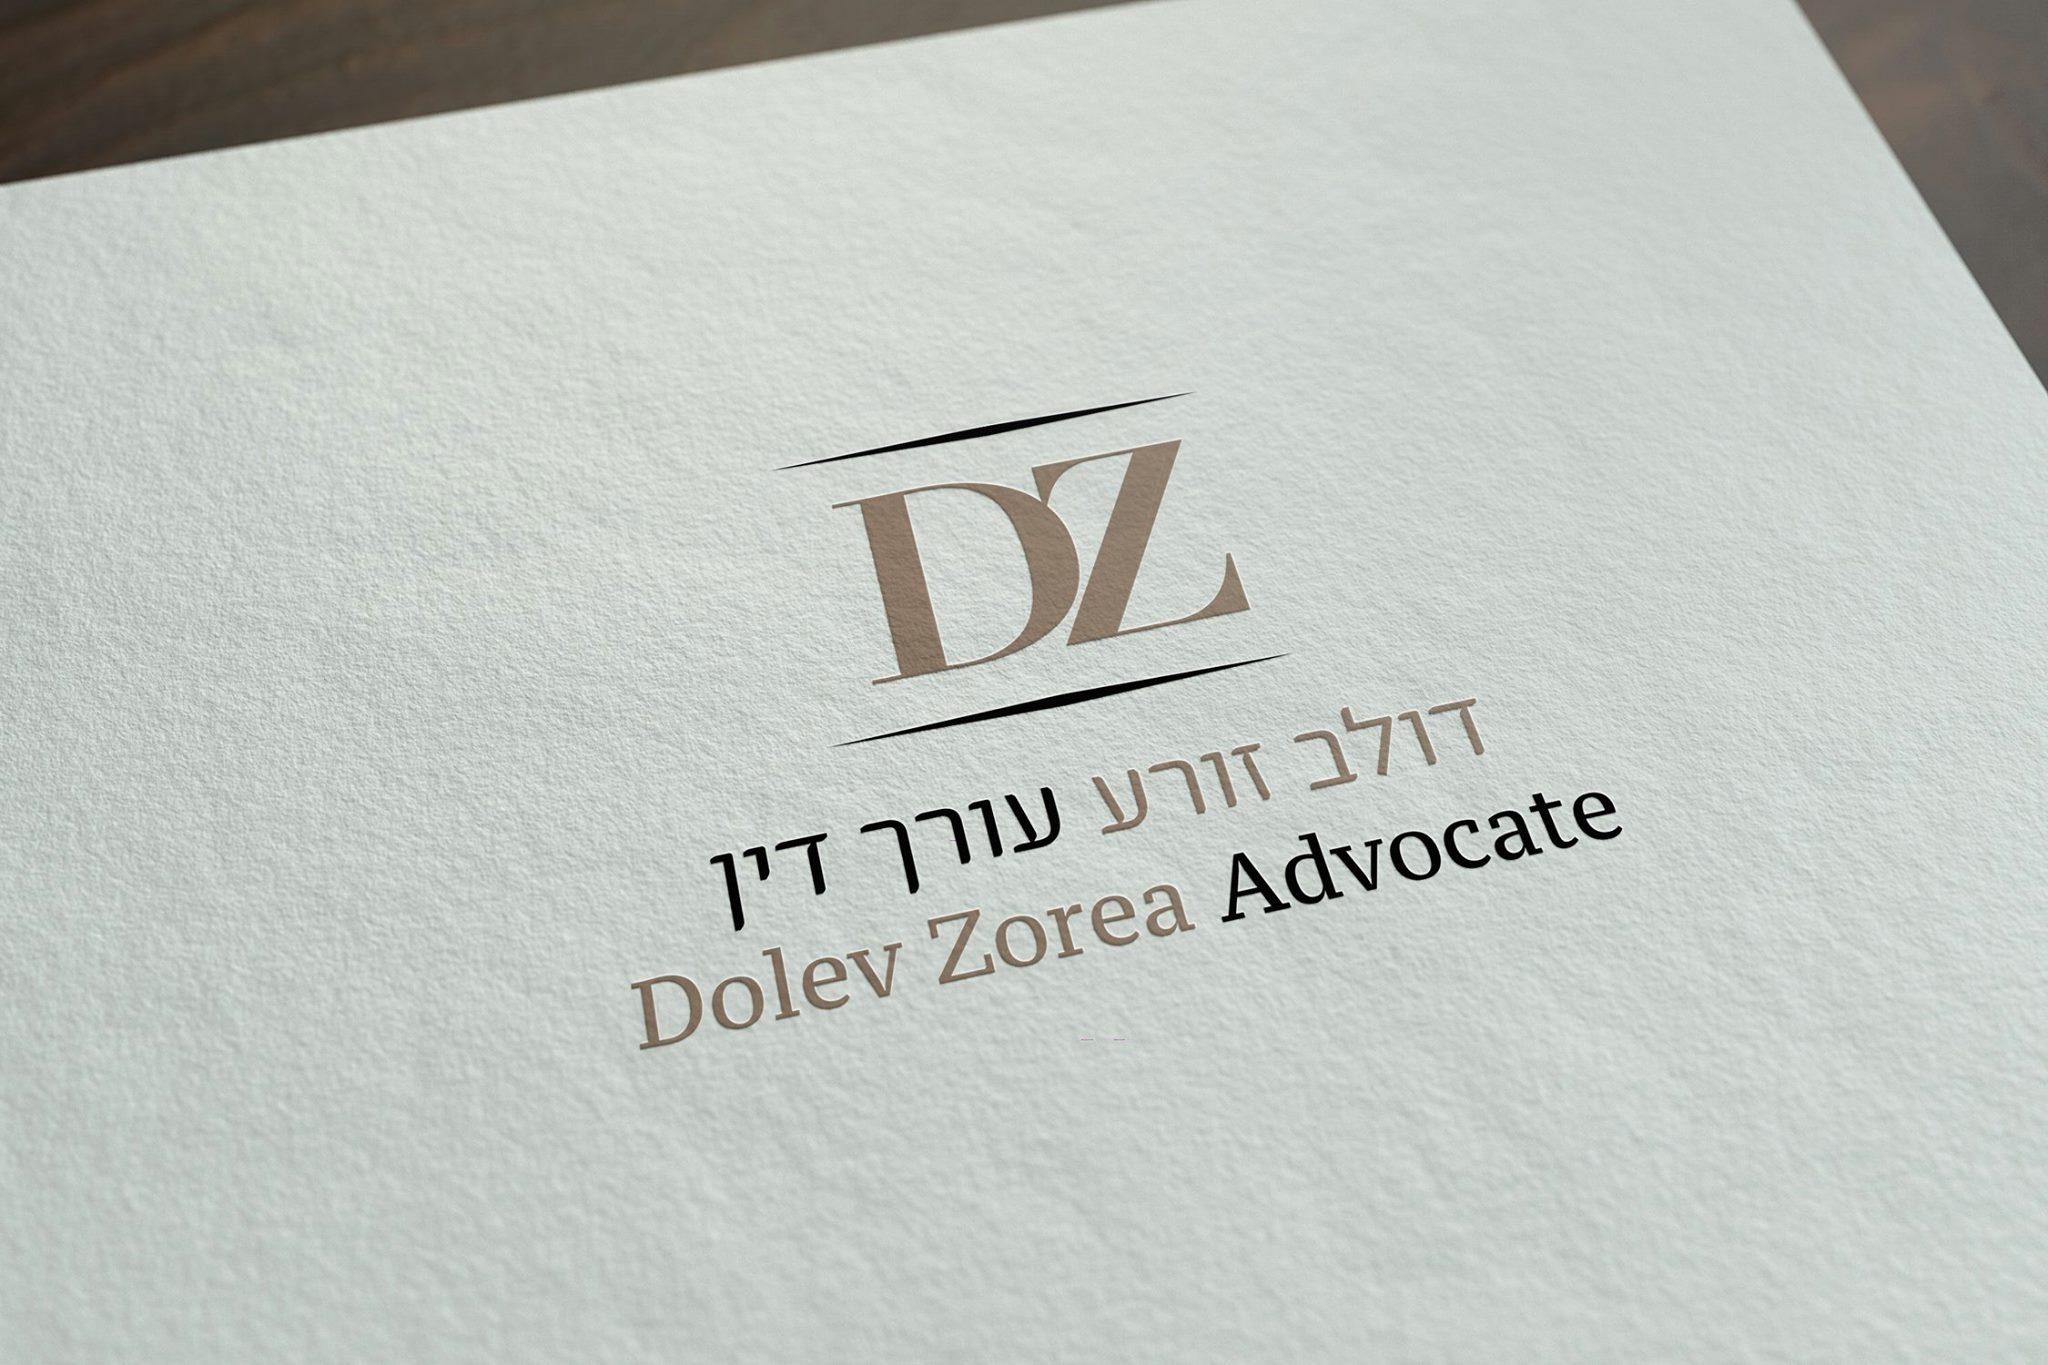 עיצוב לוגו - עו״ד דולב זורע